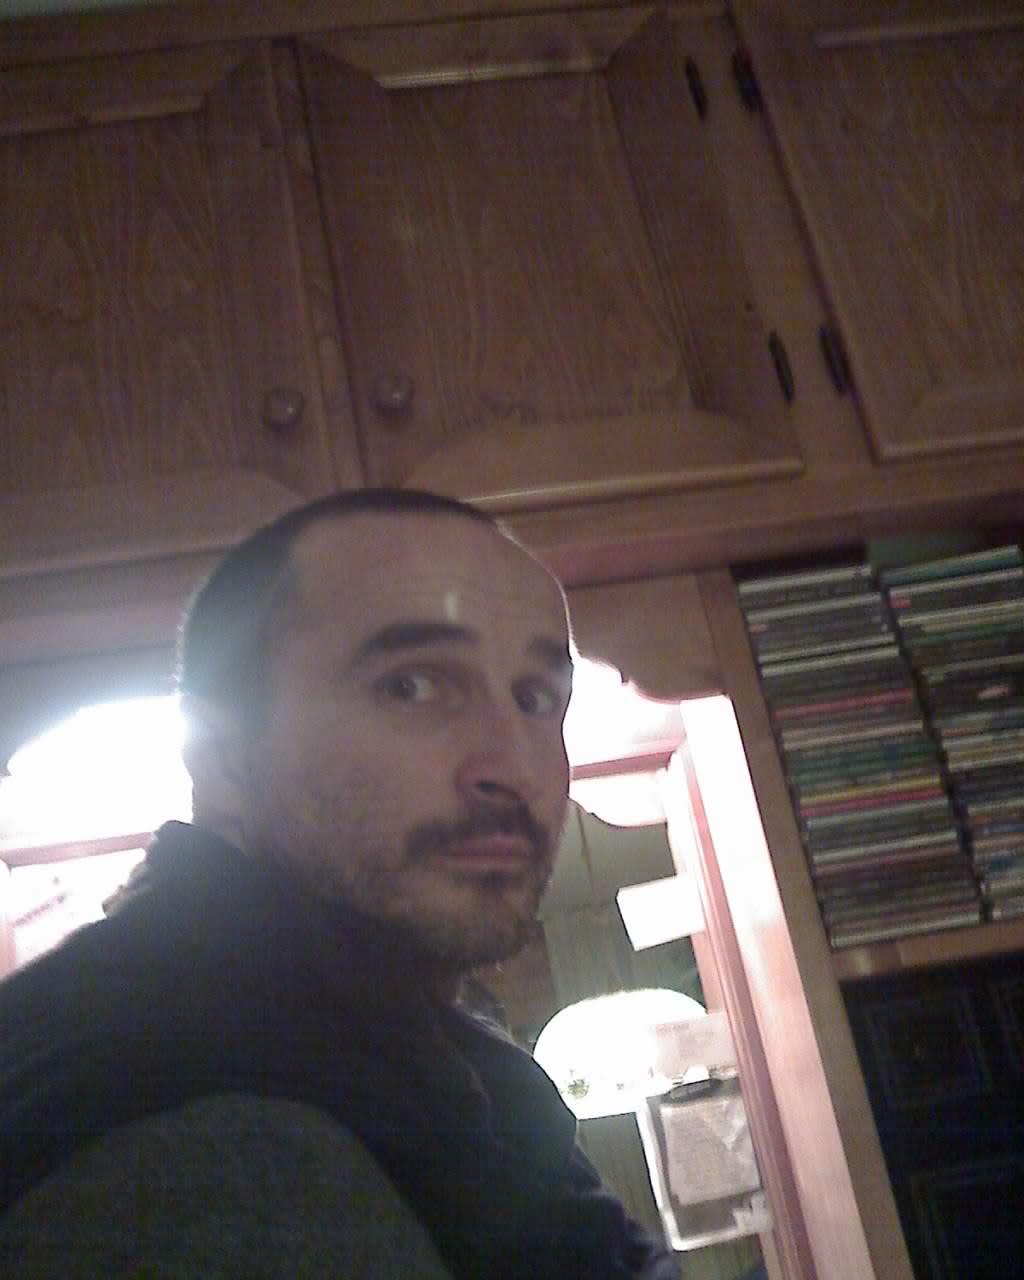 058-Raffaele-De-Diana---Lozzo-di-Cadore-BL.jpg